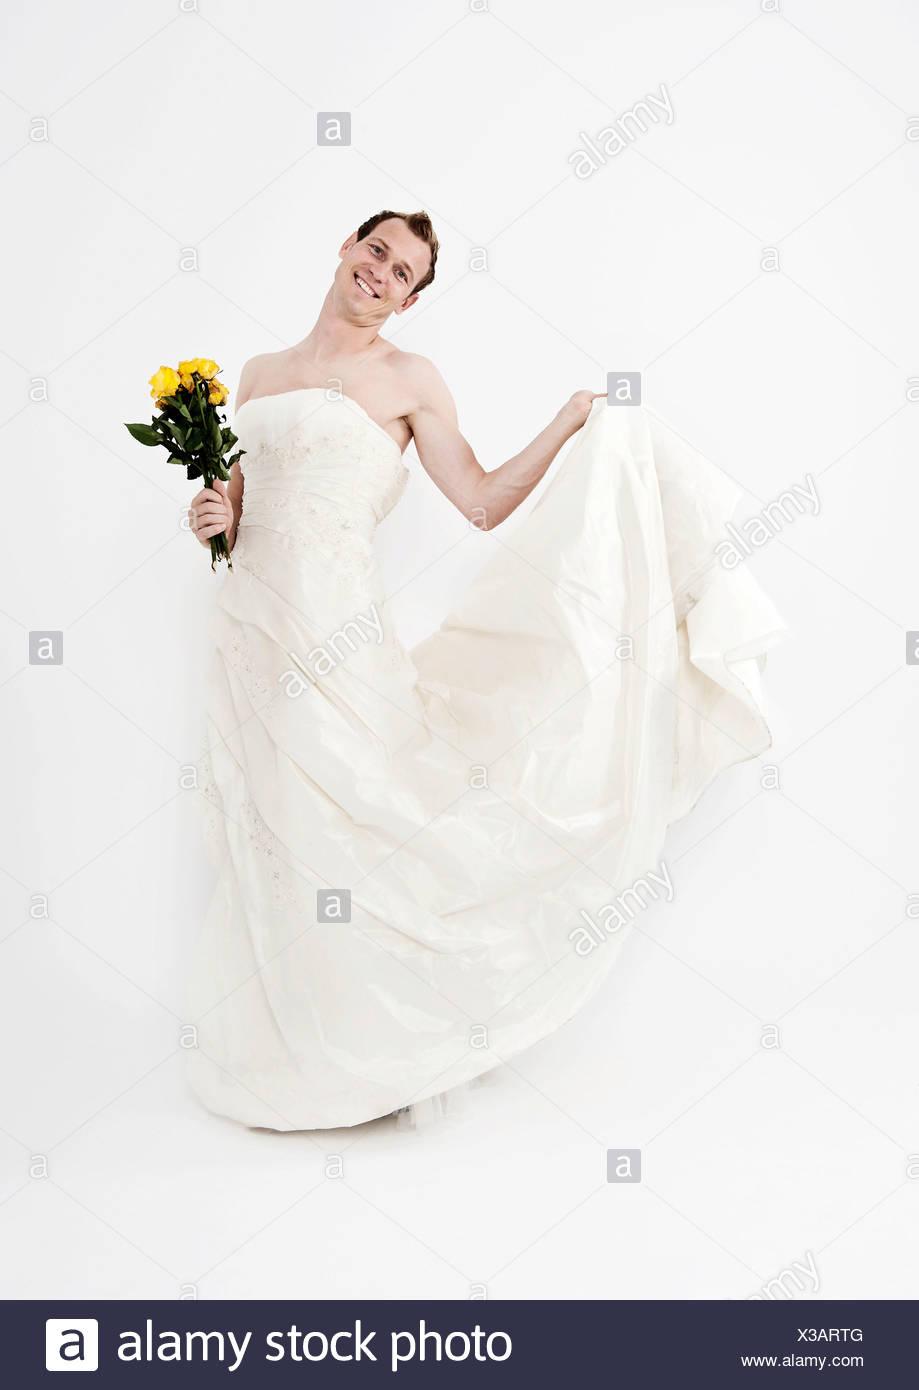 Trägt mein kleider mann Mein Mann